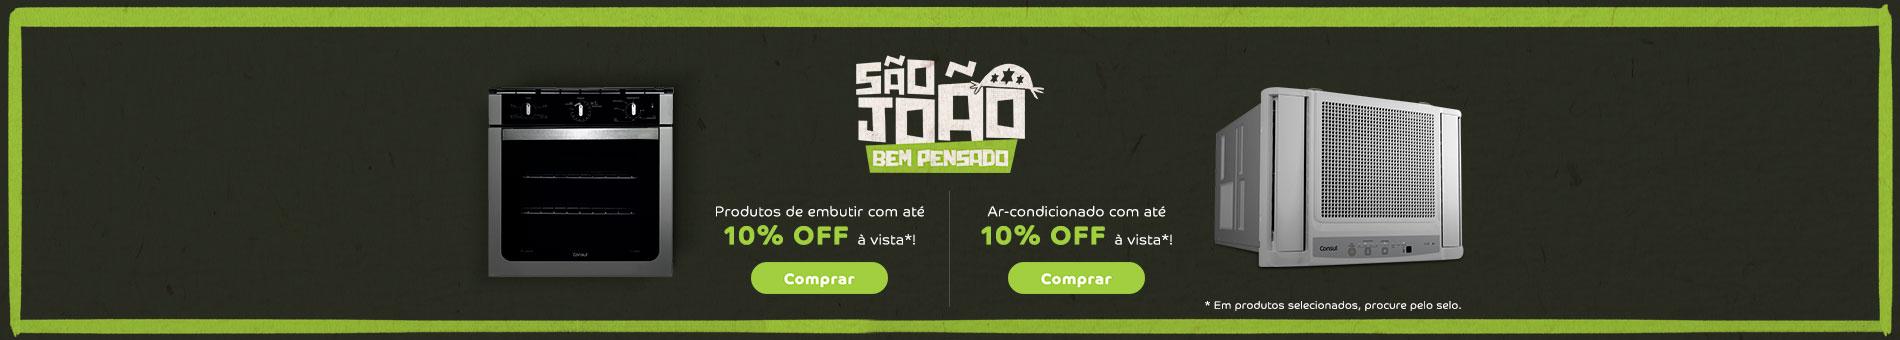 Promoção Interna - 2517 - campanha-saojoao_embutir-ac-pgtoavista-duplo_20062018_home4 - embutir-ac-pgtoavista-duplo - 4